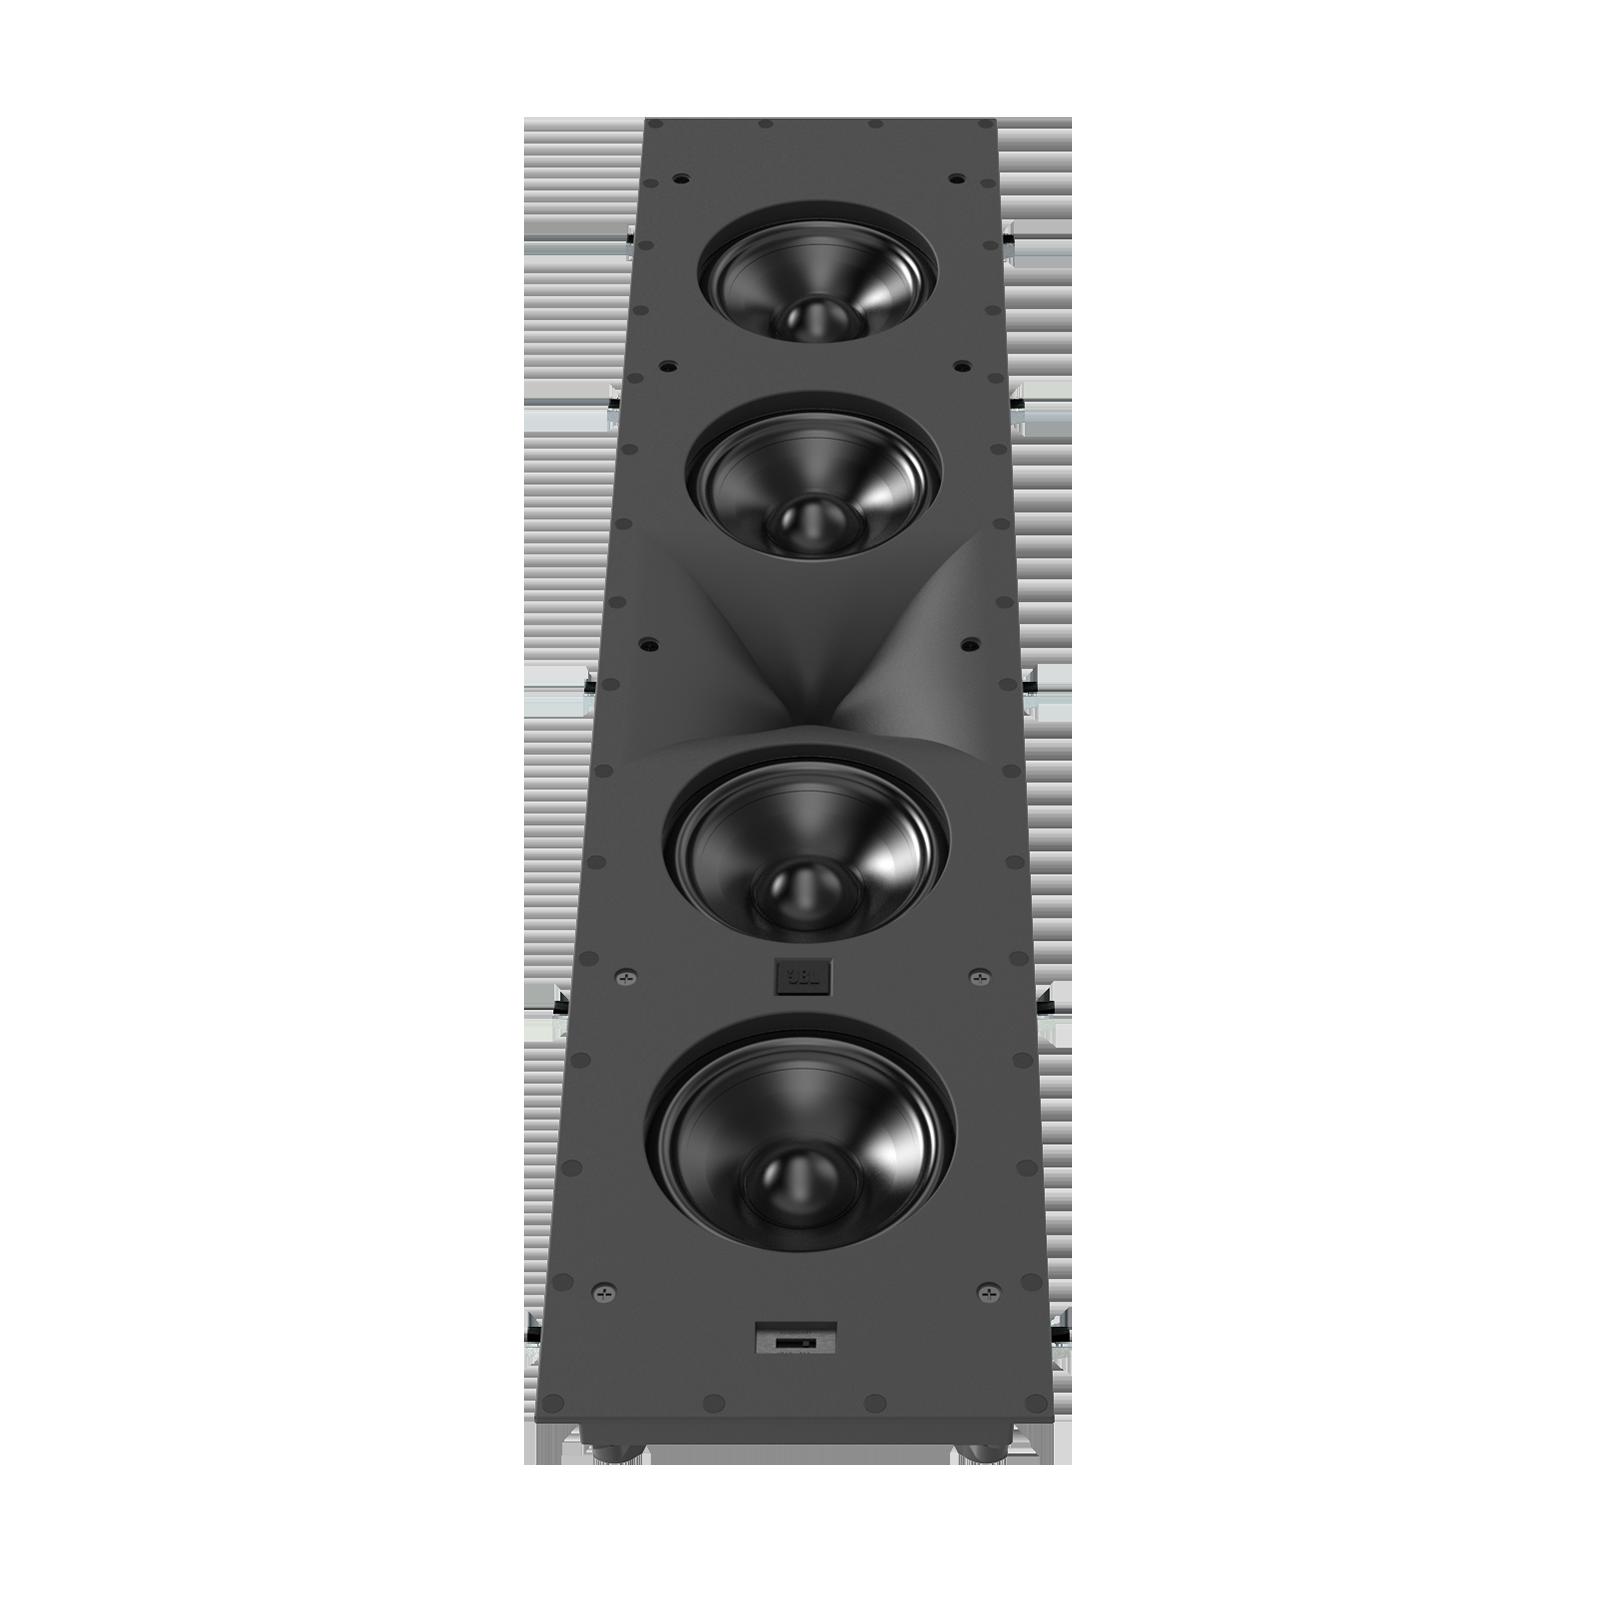 SCL-6 - Black - 2.5-Way Quadruple 5.25-inch (130mm) In-Wall Loudspeaker - Detailshot 1